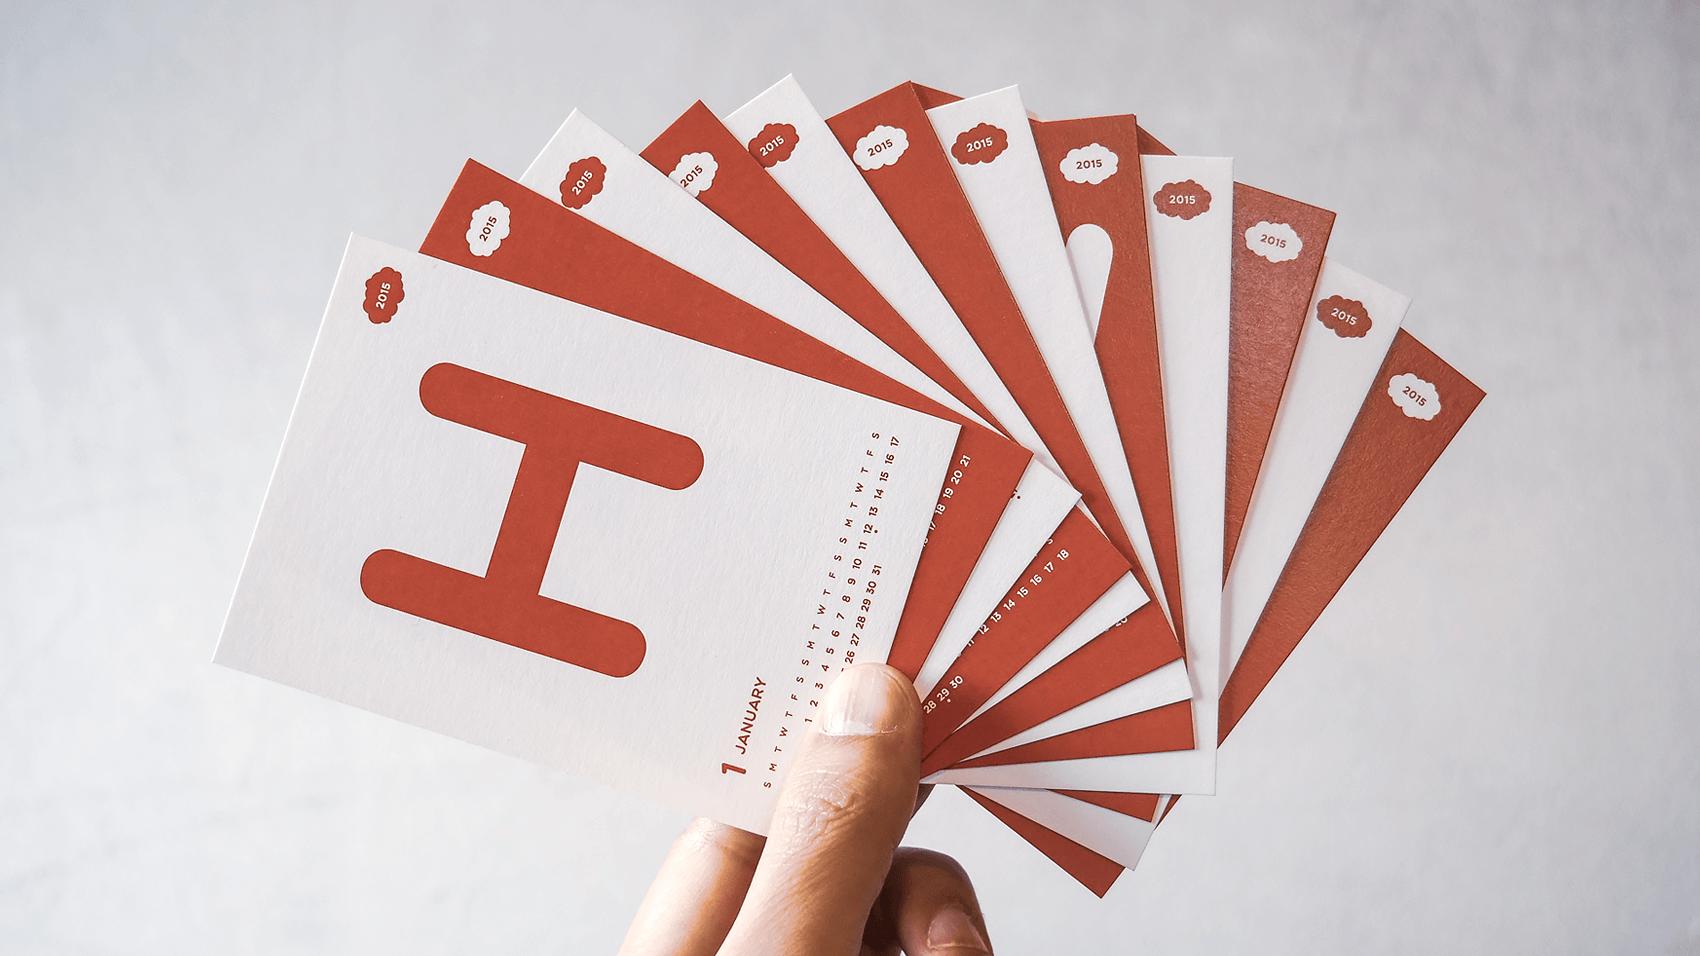 カレンダーと年賀状のミックス?2015年の年賀状デザイン